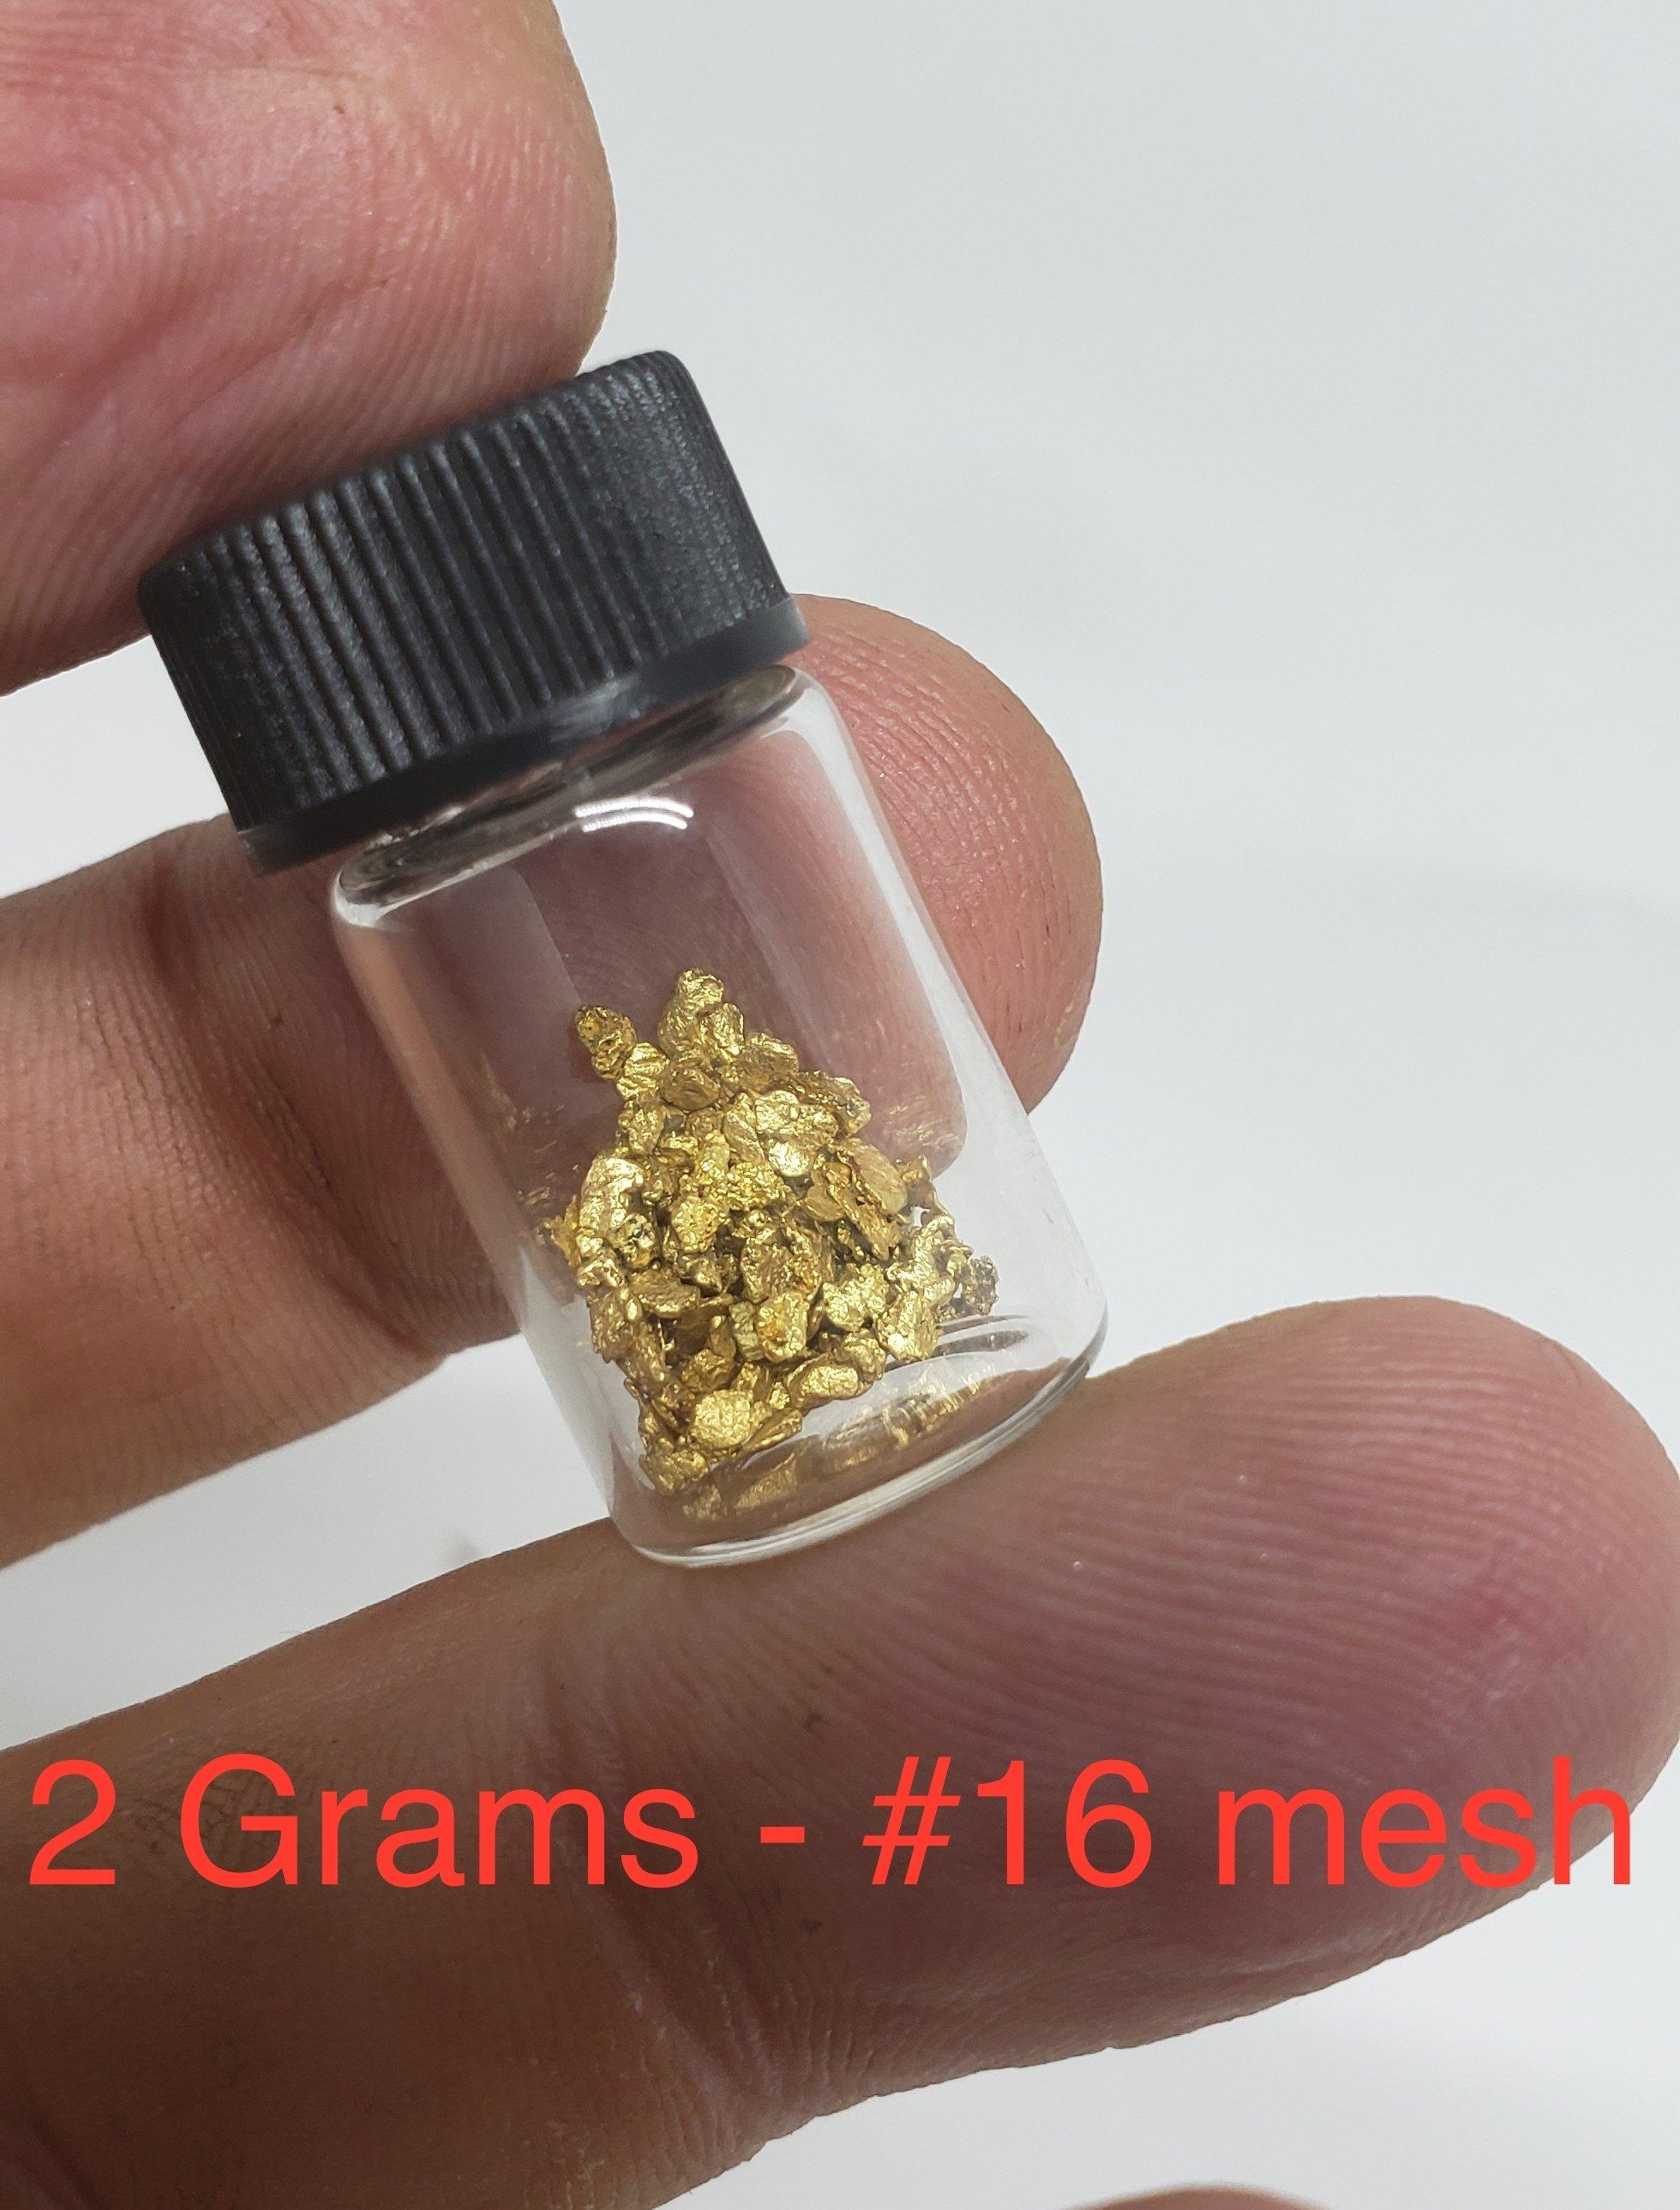 2 grams #16 mesh